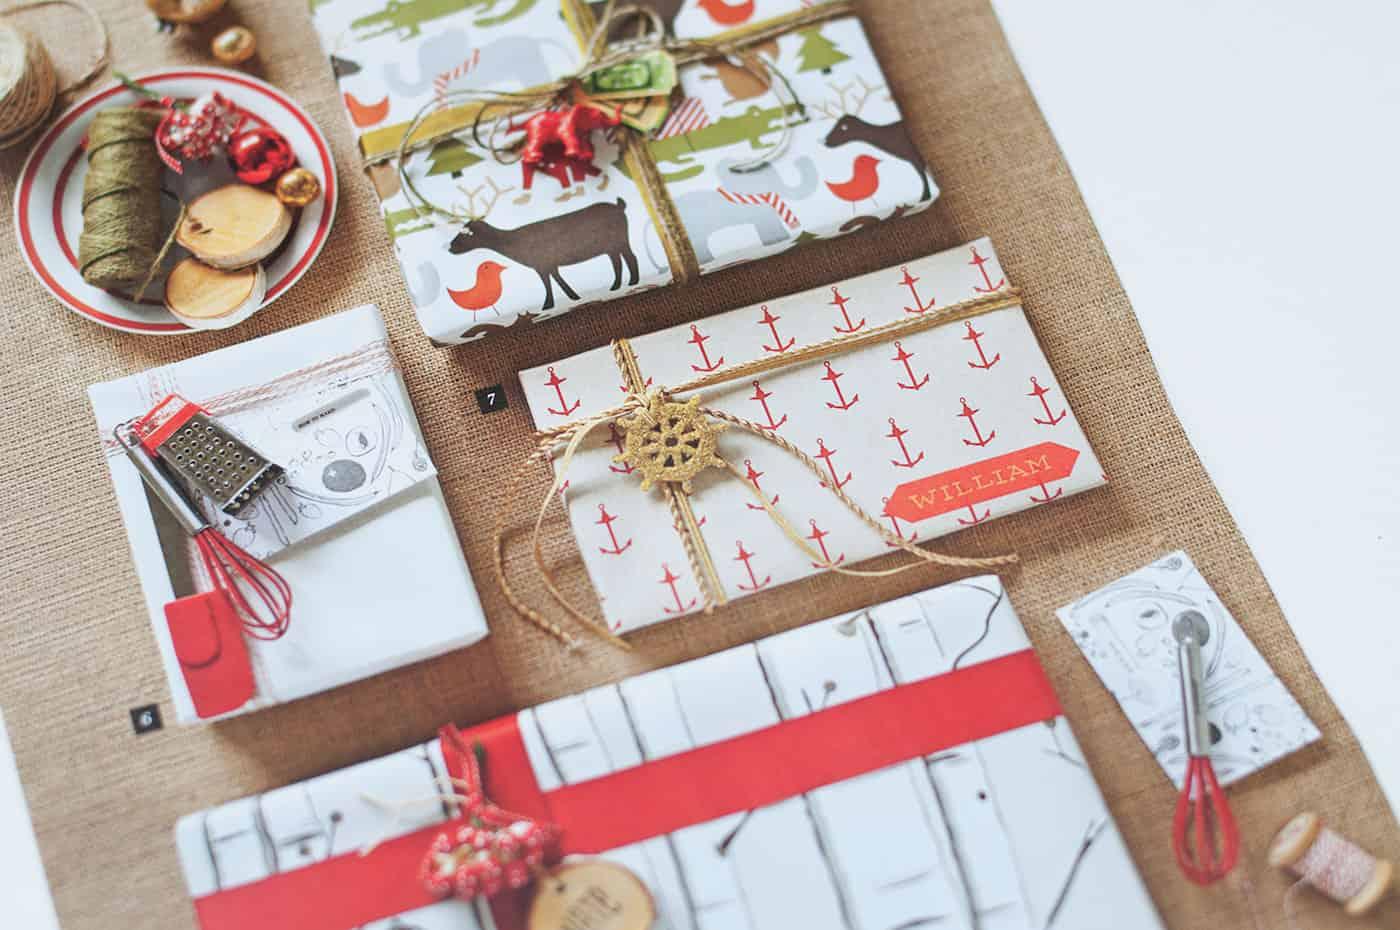 Southern Living Christmas gift wrap